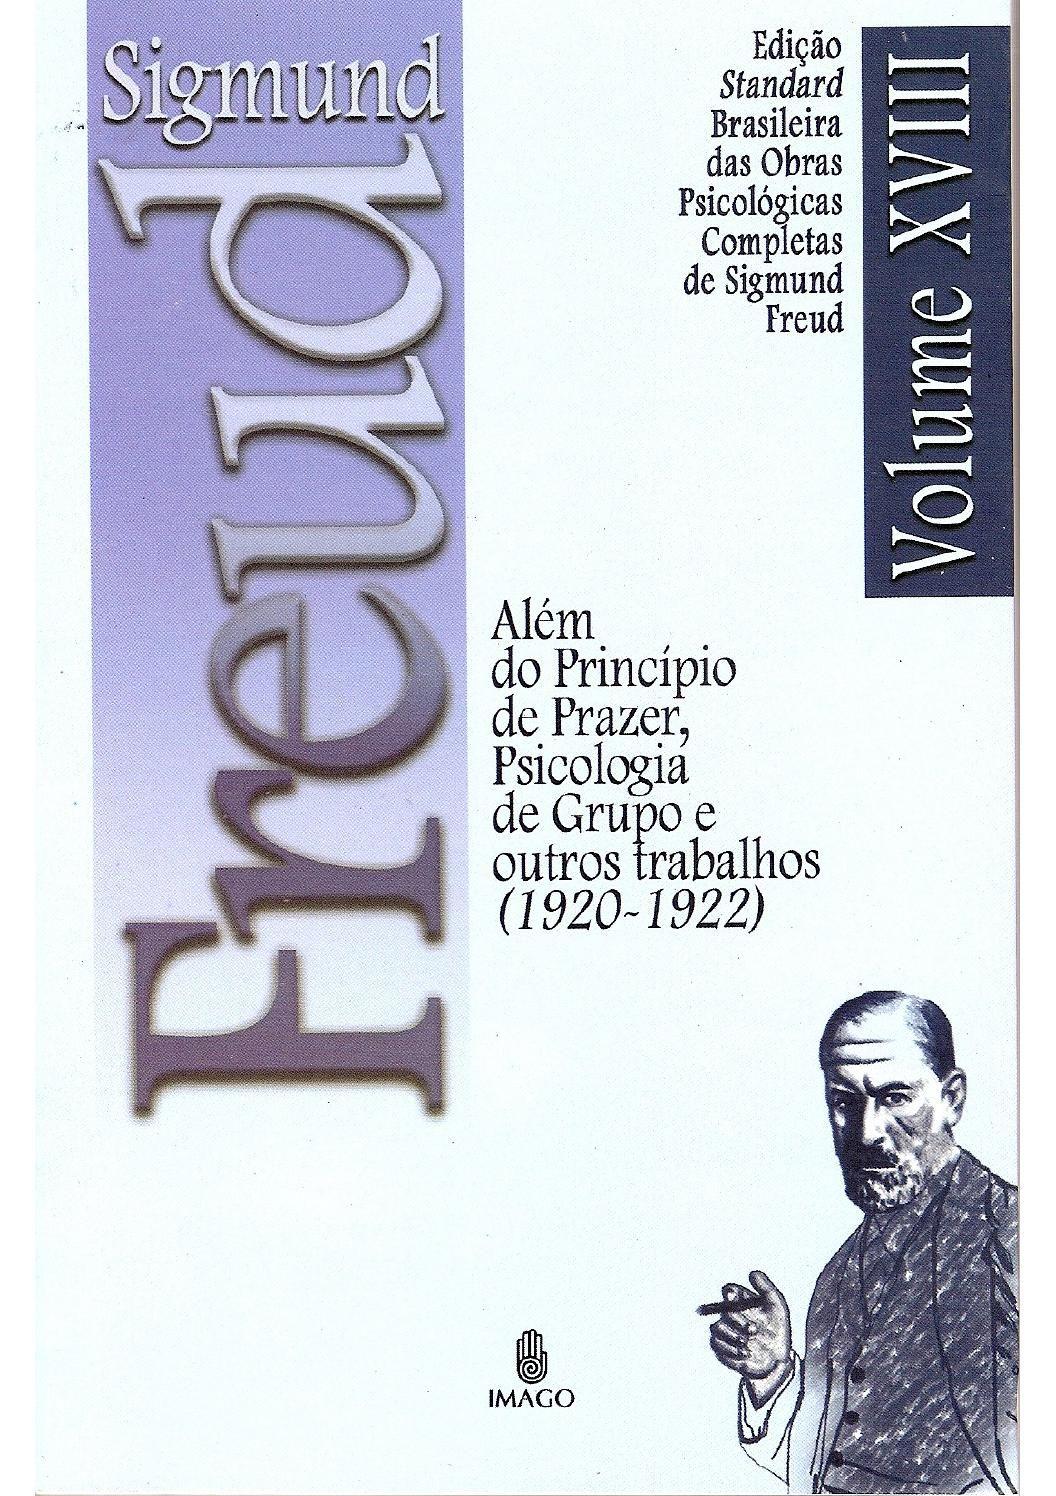 Freud, sigmund xviii além do princípio do prazer, psicologia do grupo e outros trabalhos (1920 1922)